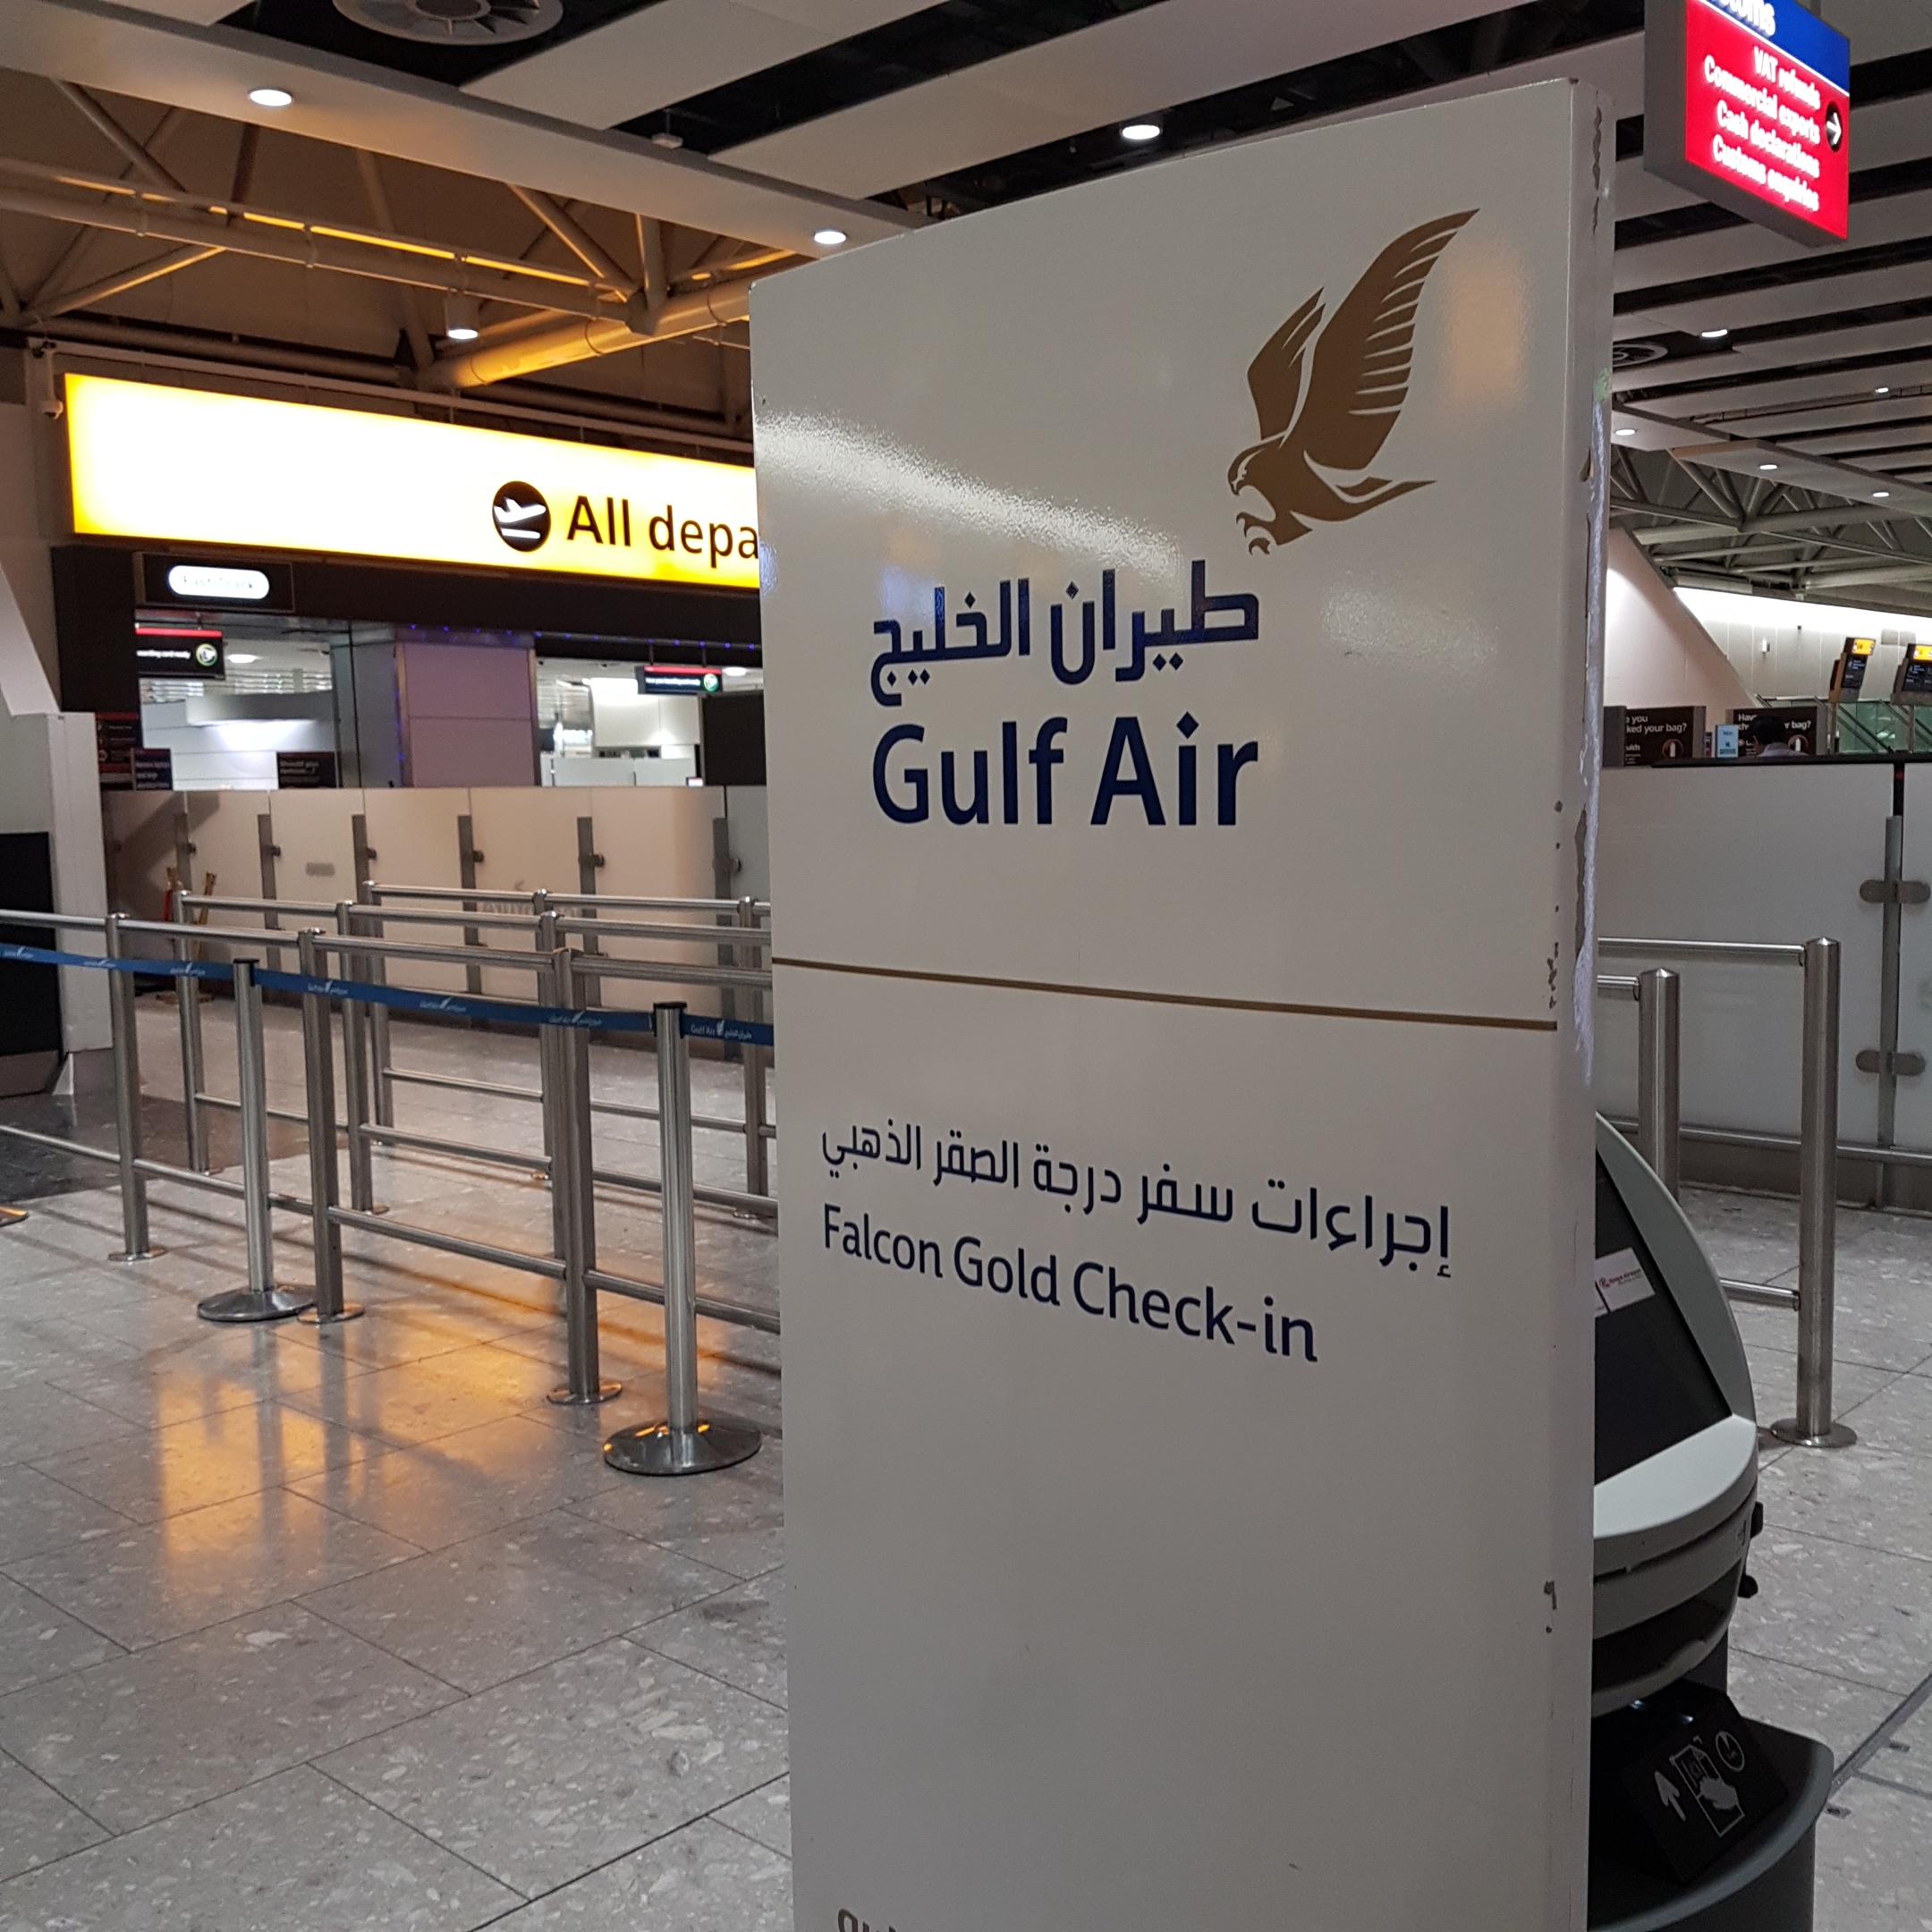 Gulf air falcon gold check in London Heathrow